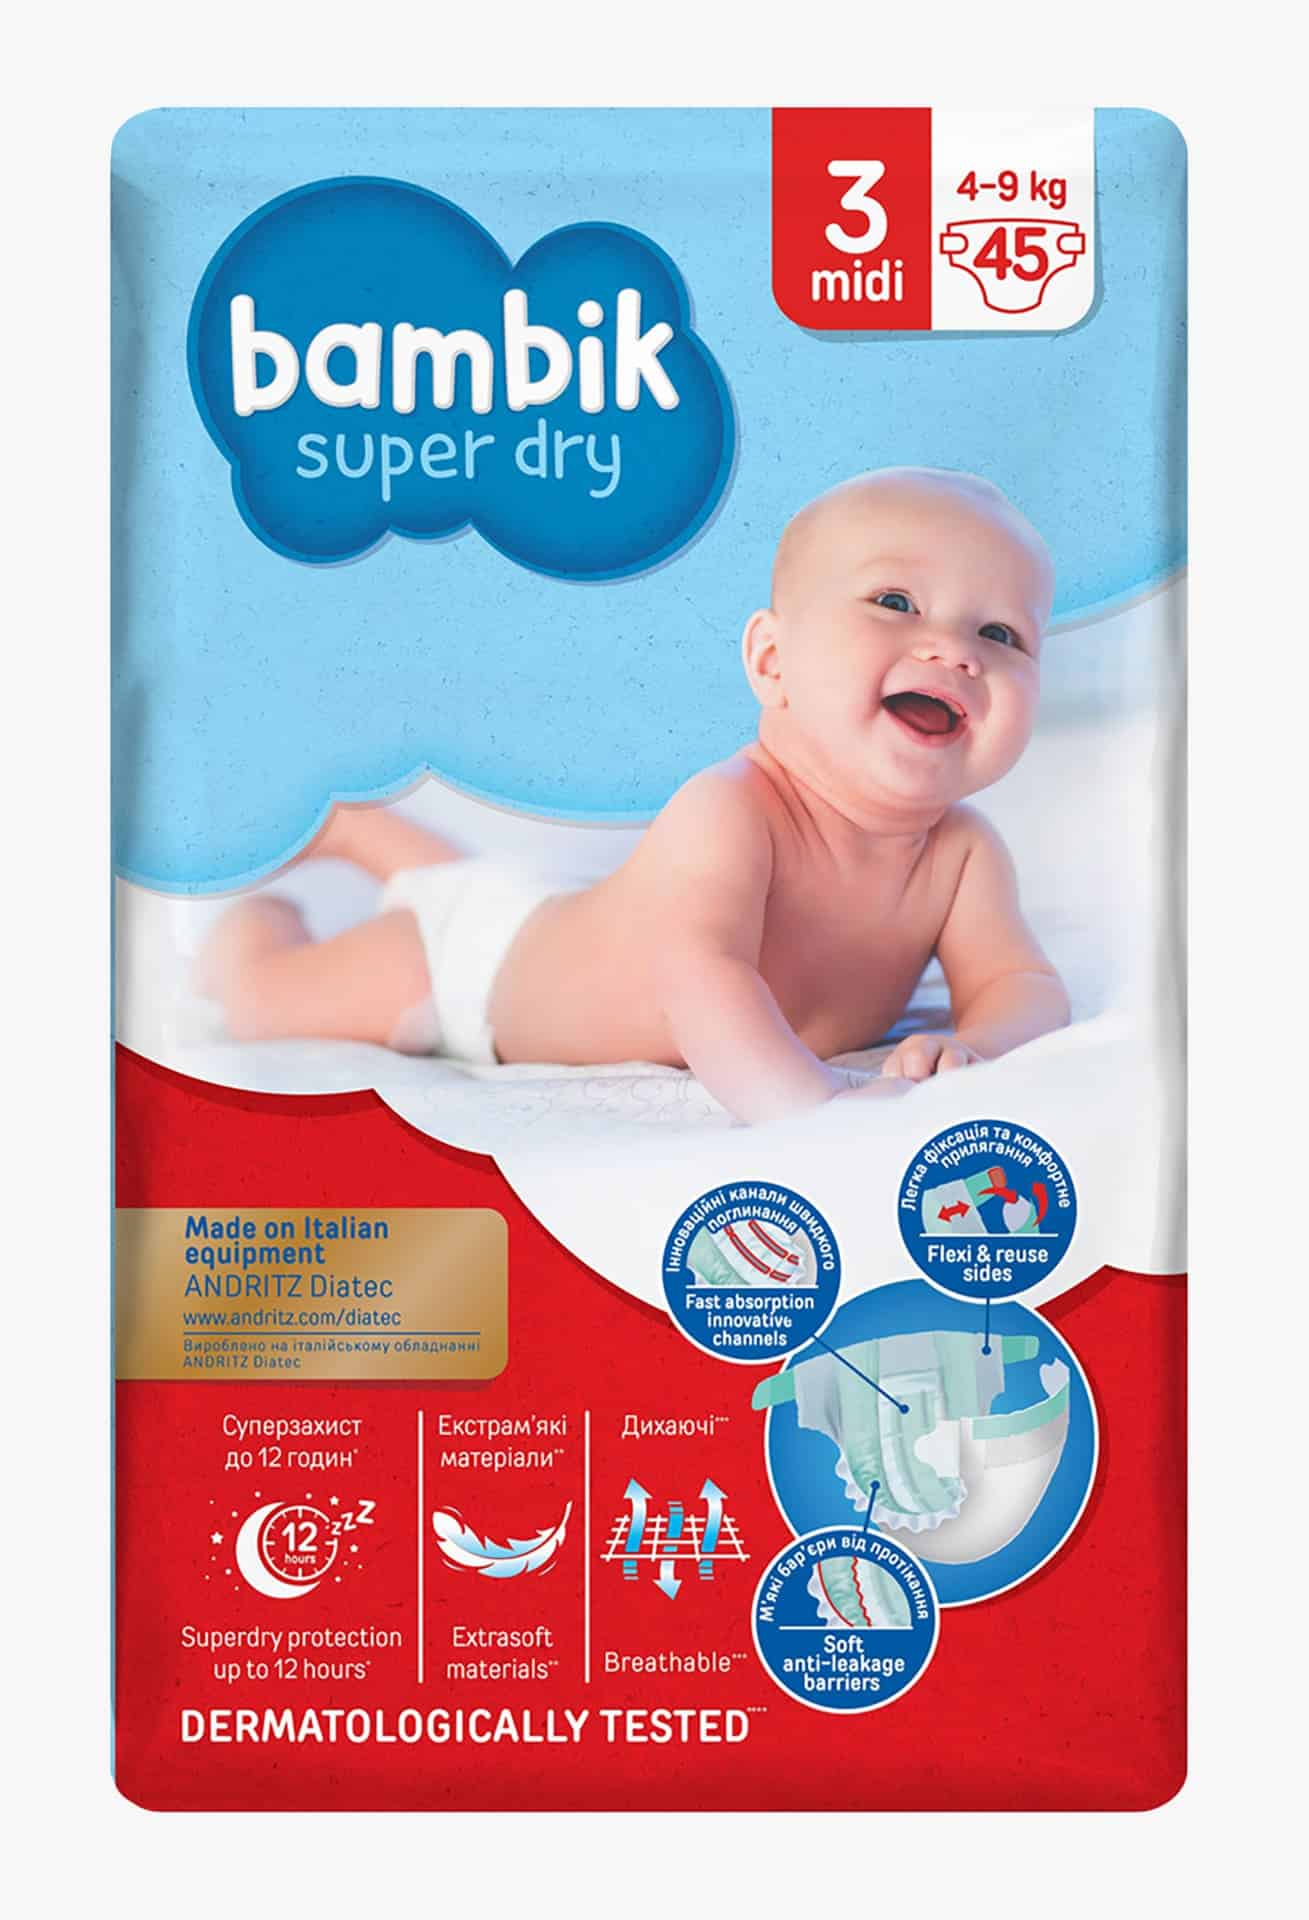 Bambik підгузки дитячі одноразові Jumbo (3) MIDI (4-9кг), 45шт.